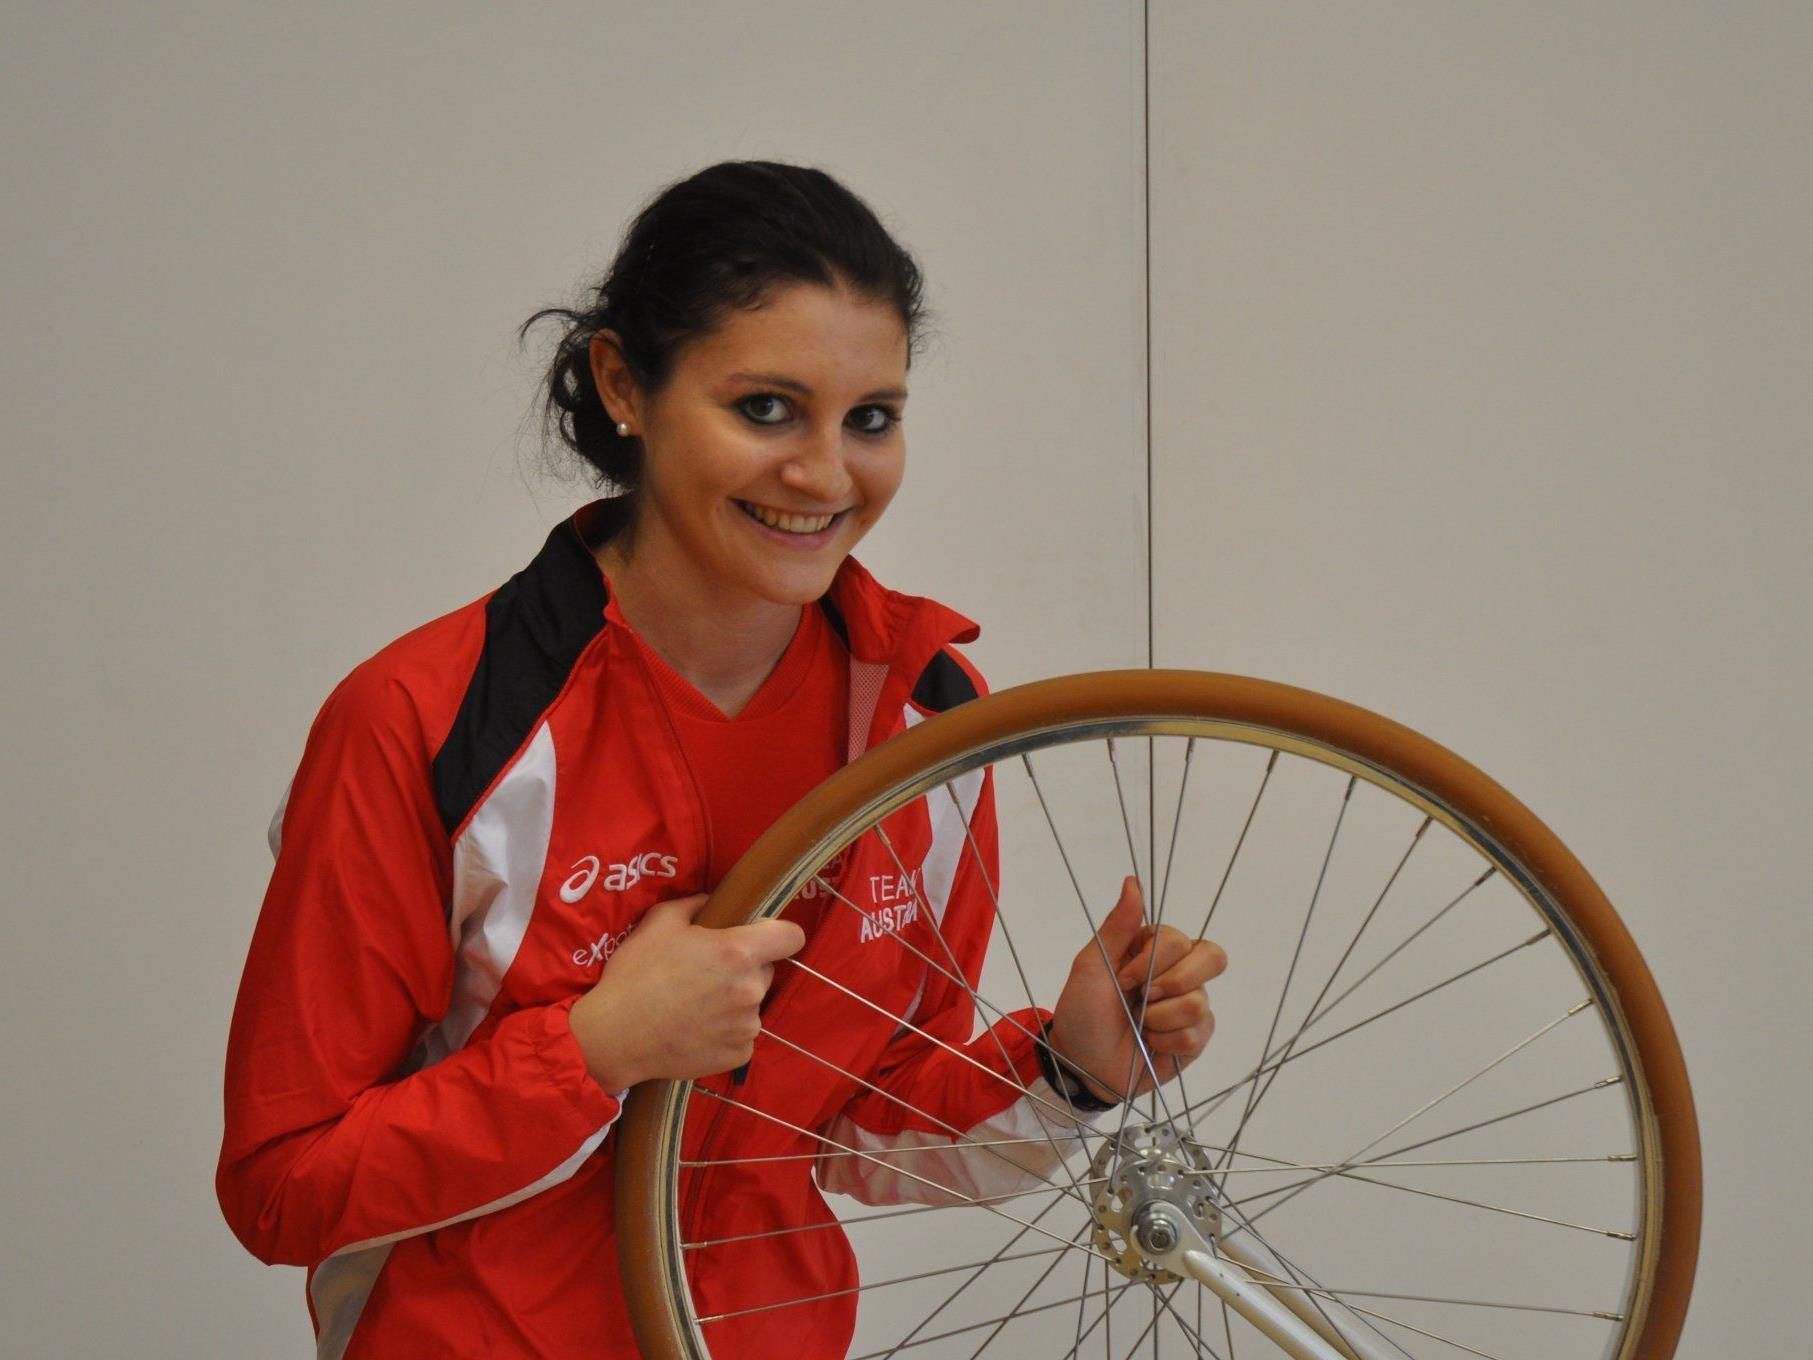 Erzielte in Höchst neuen Junioren Weltrekord, Adriana MAthis aus Meiningen.